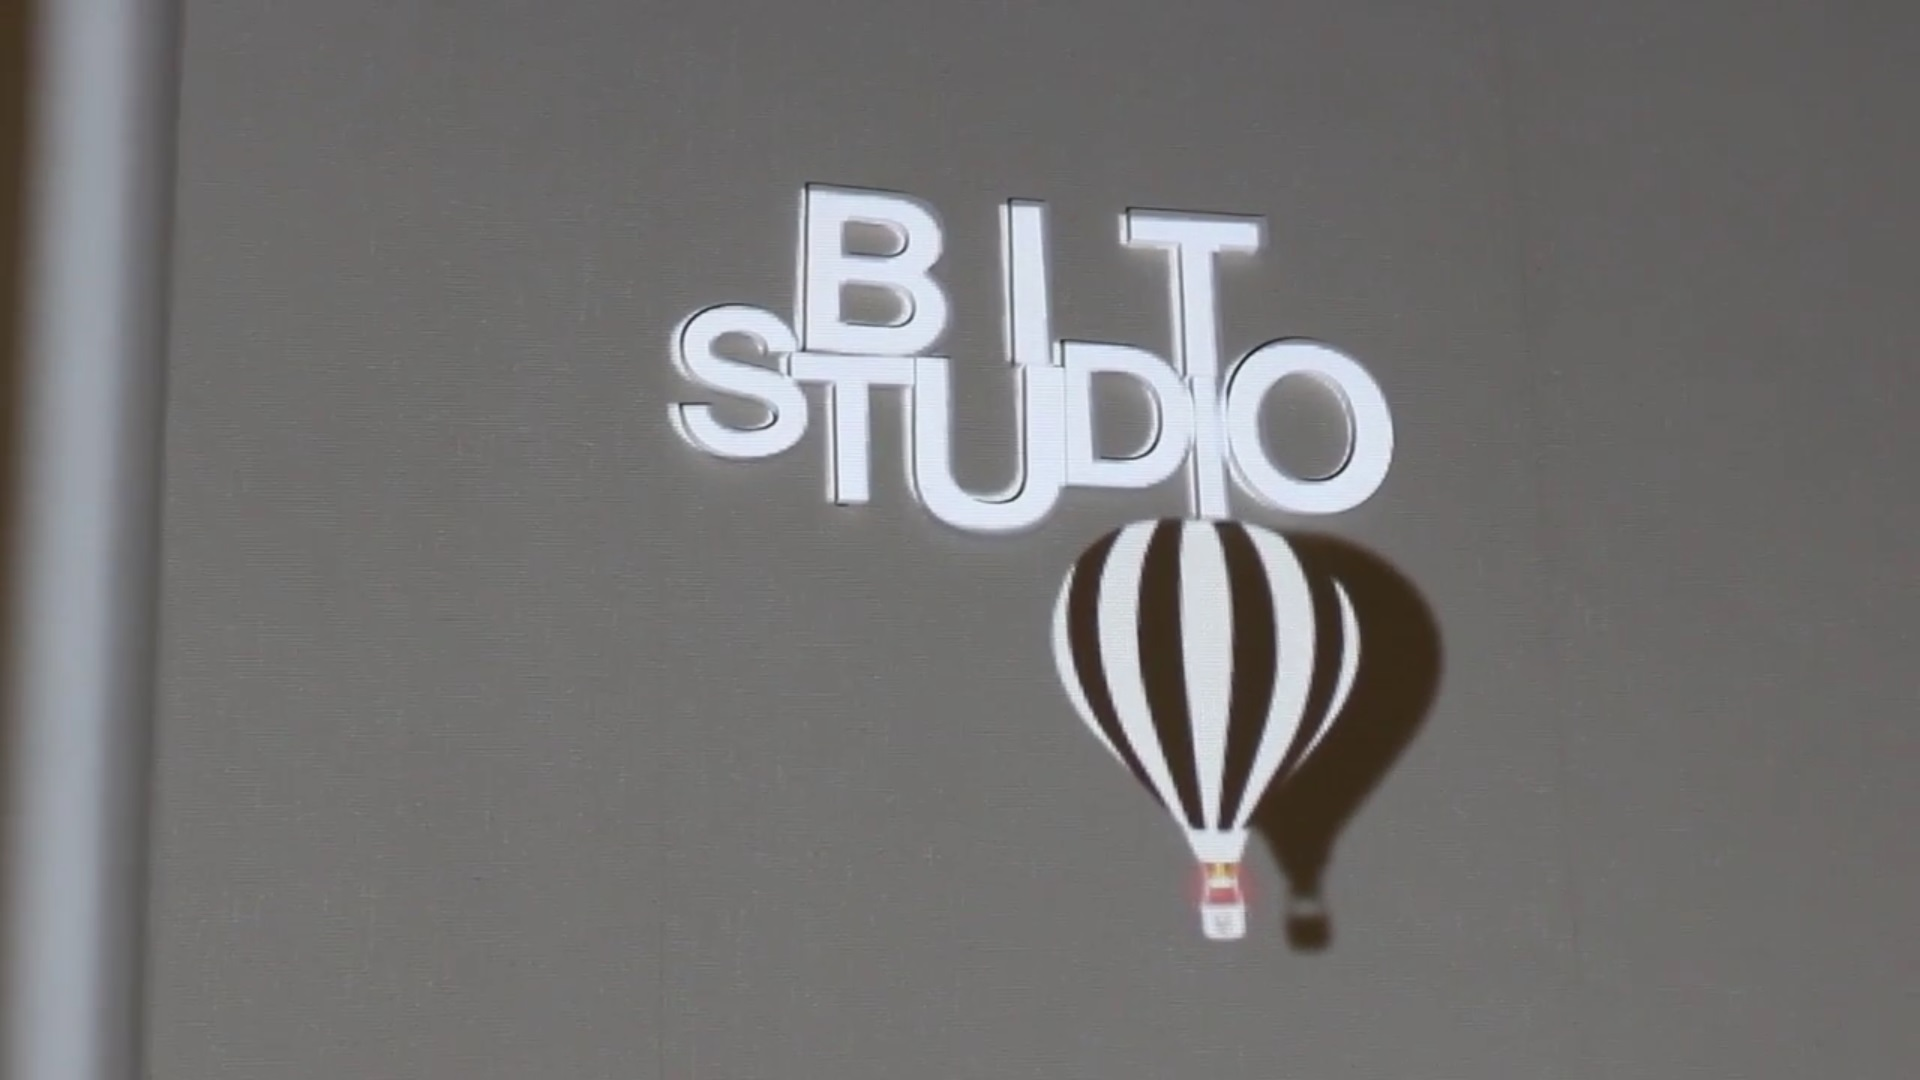 bit.balloon